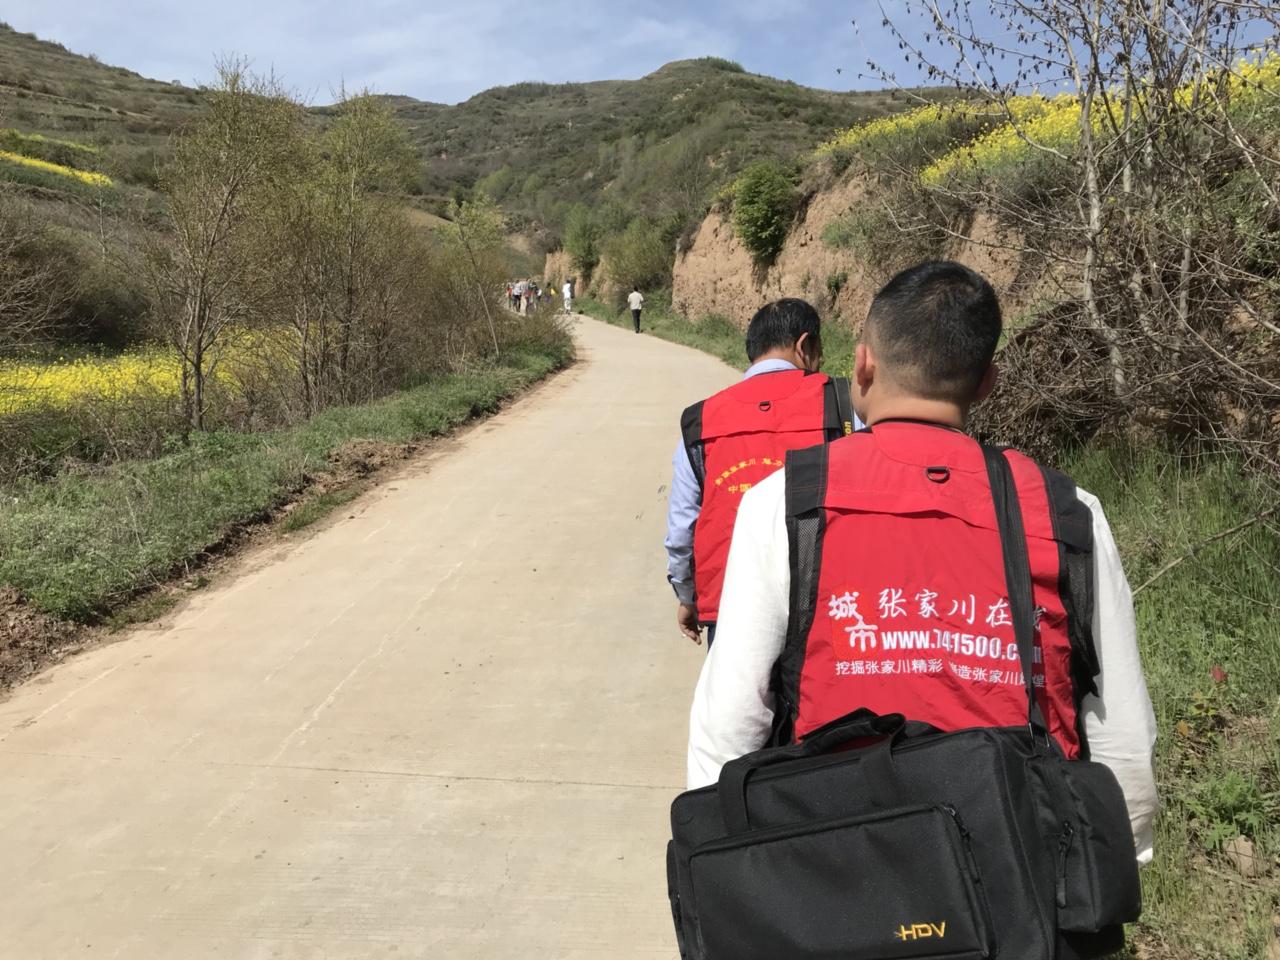 张家川在线受武山县政府邀请宣传龙台油菜花海精彩花絮